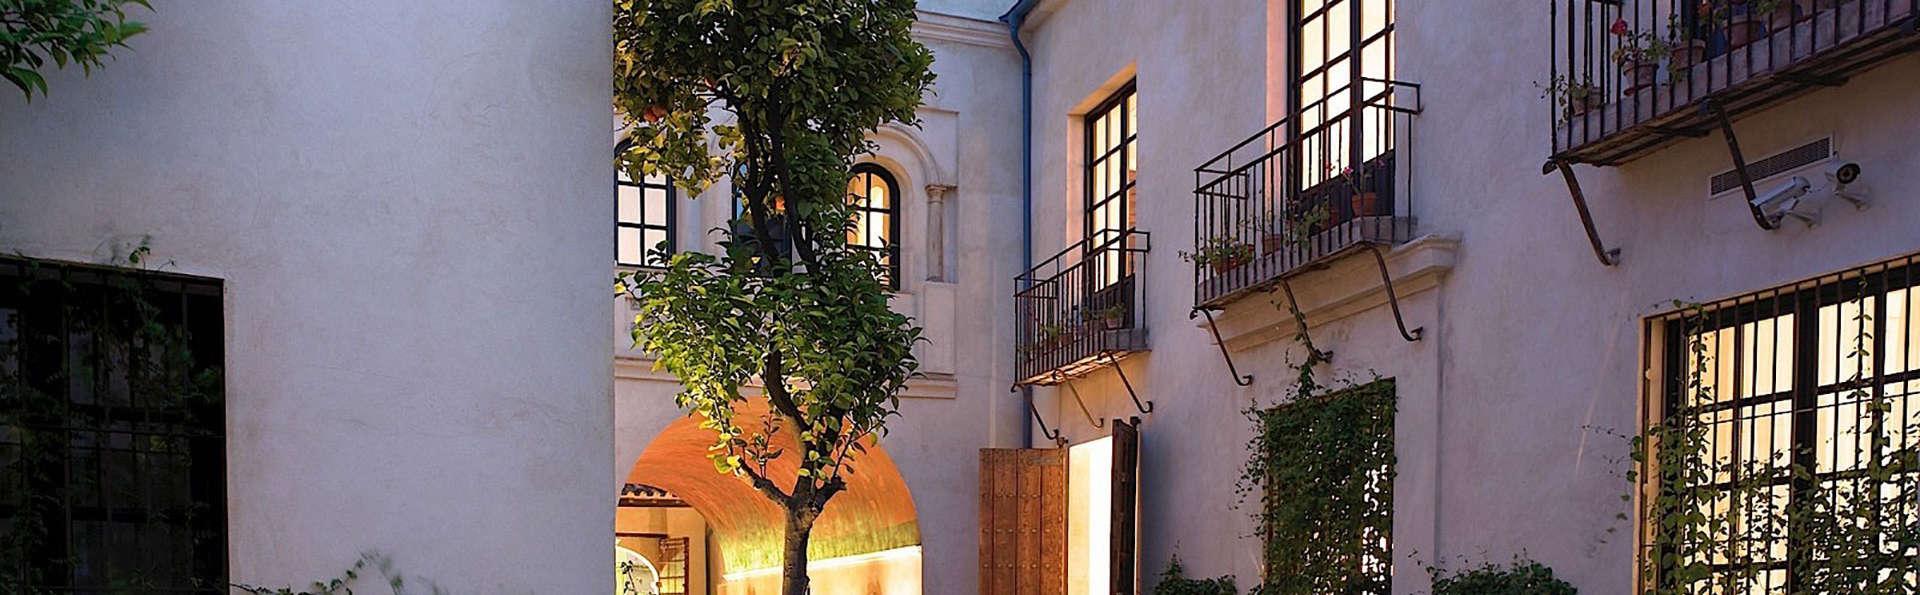 Hospes Palacio del Bailío - EDIT_front5.jpg